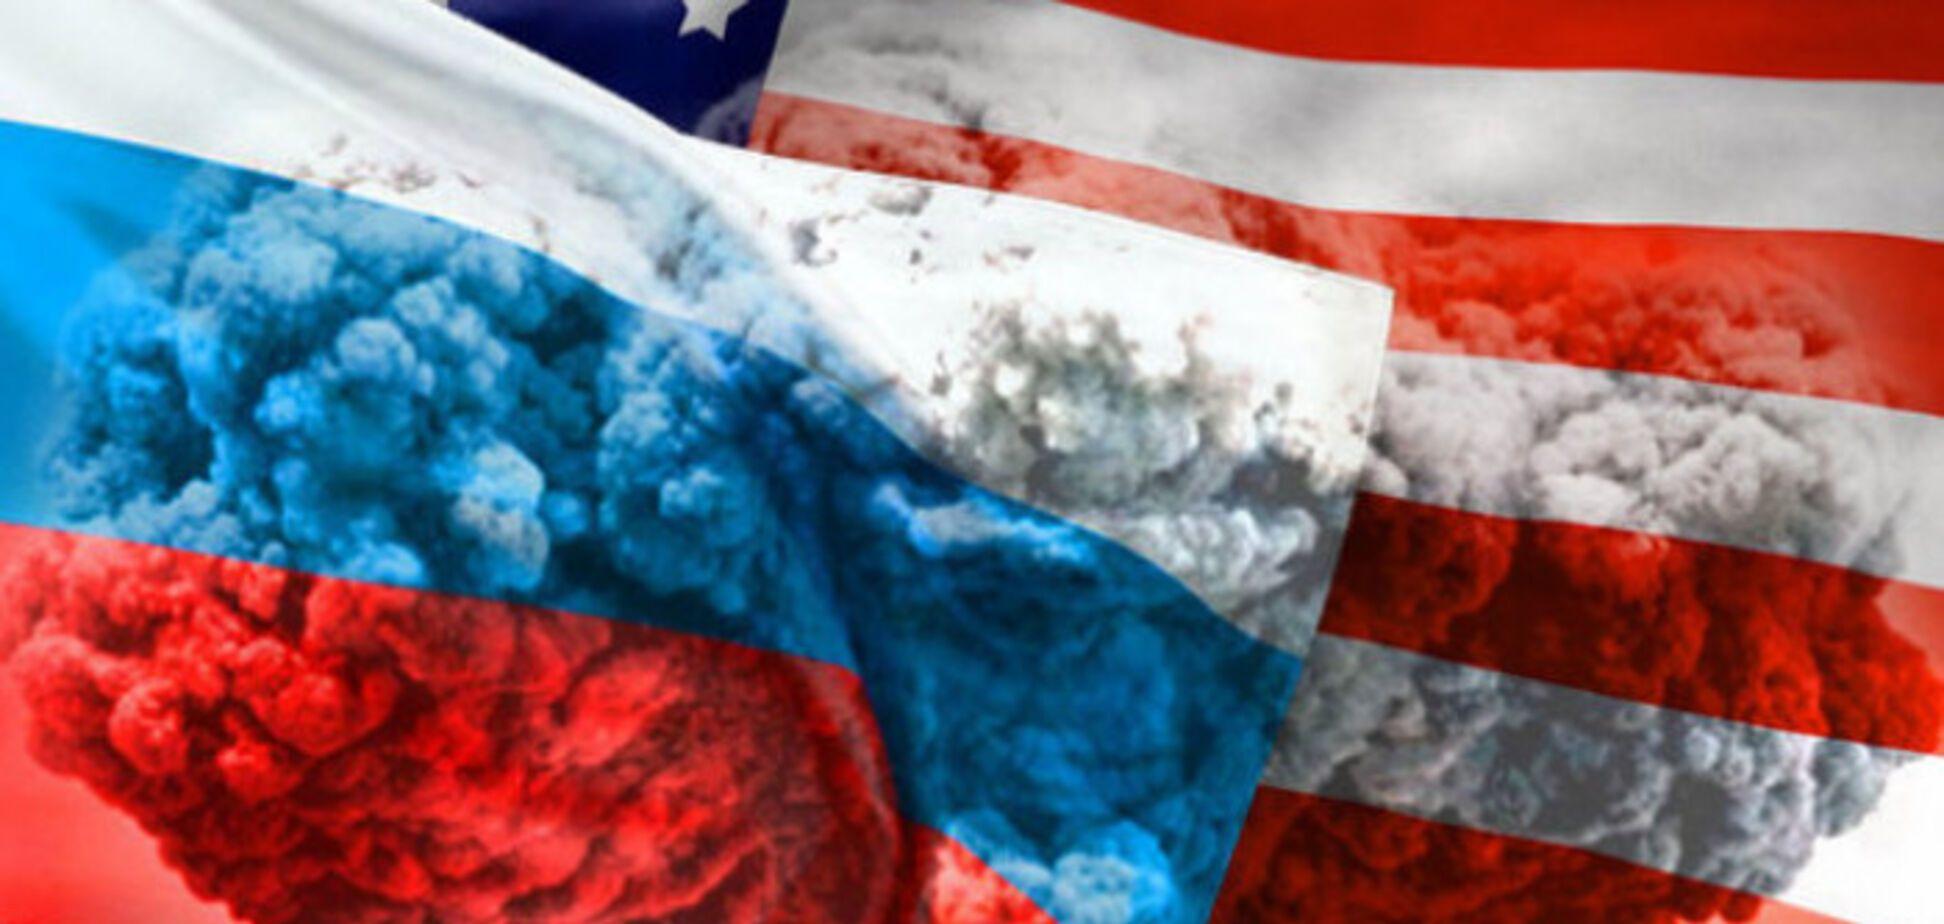 Секретные документы: Кремль предложил перезагрузить отношения с США